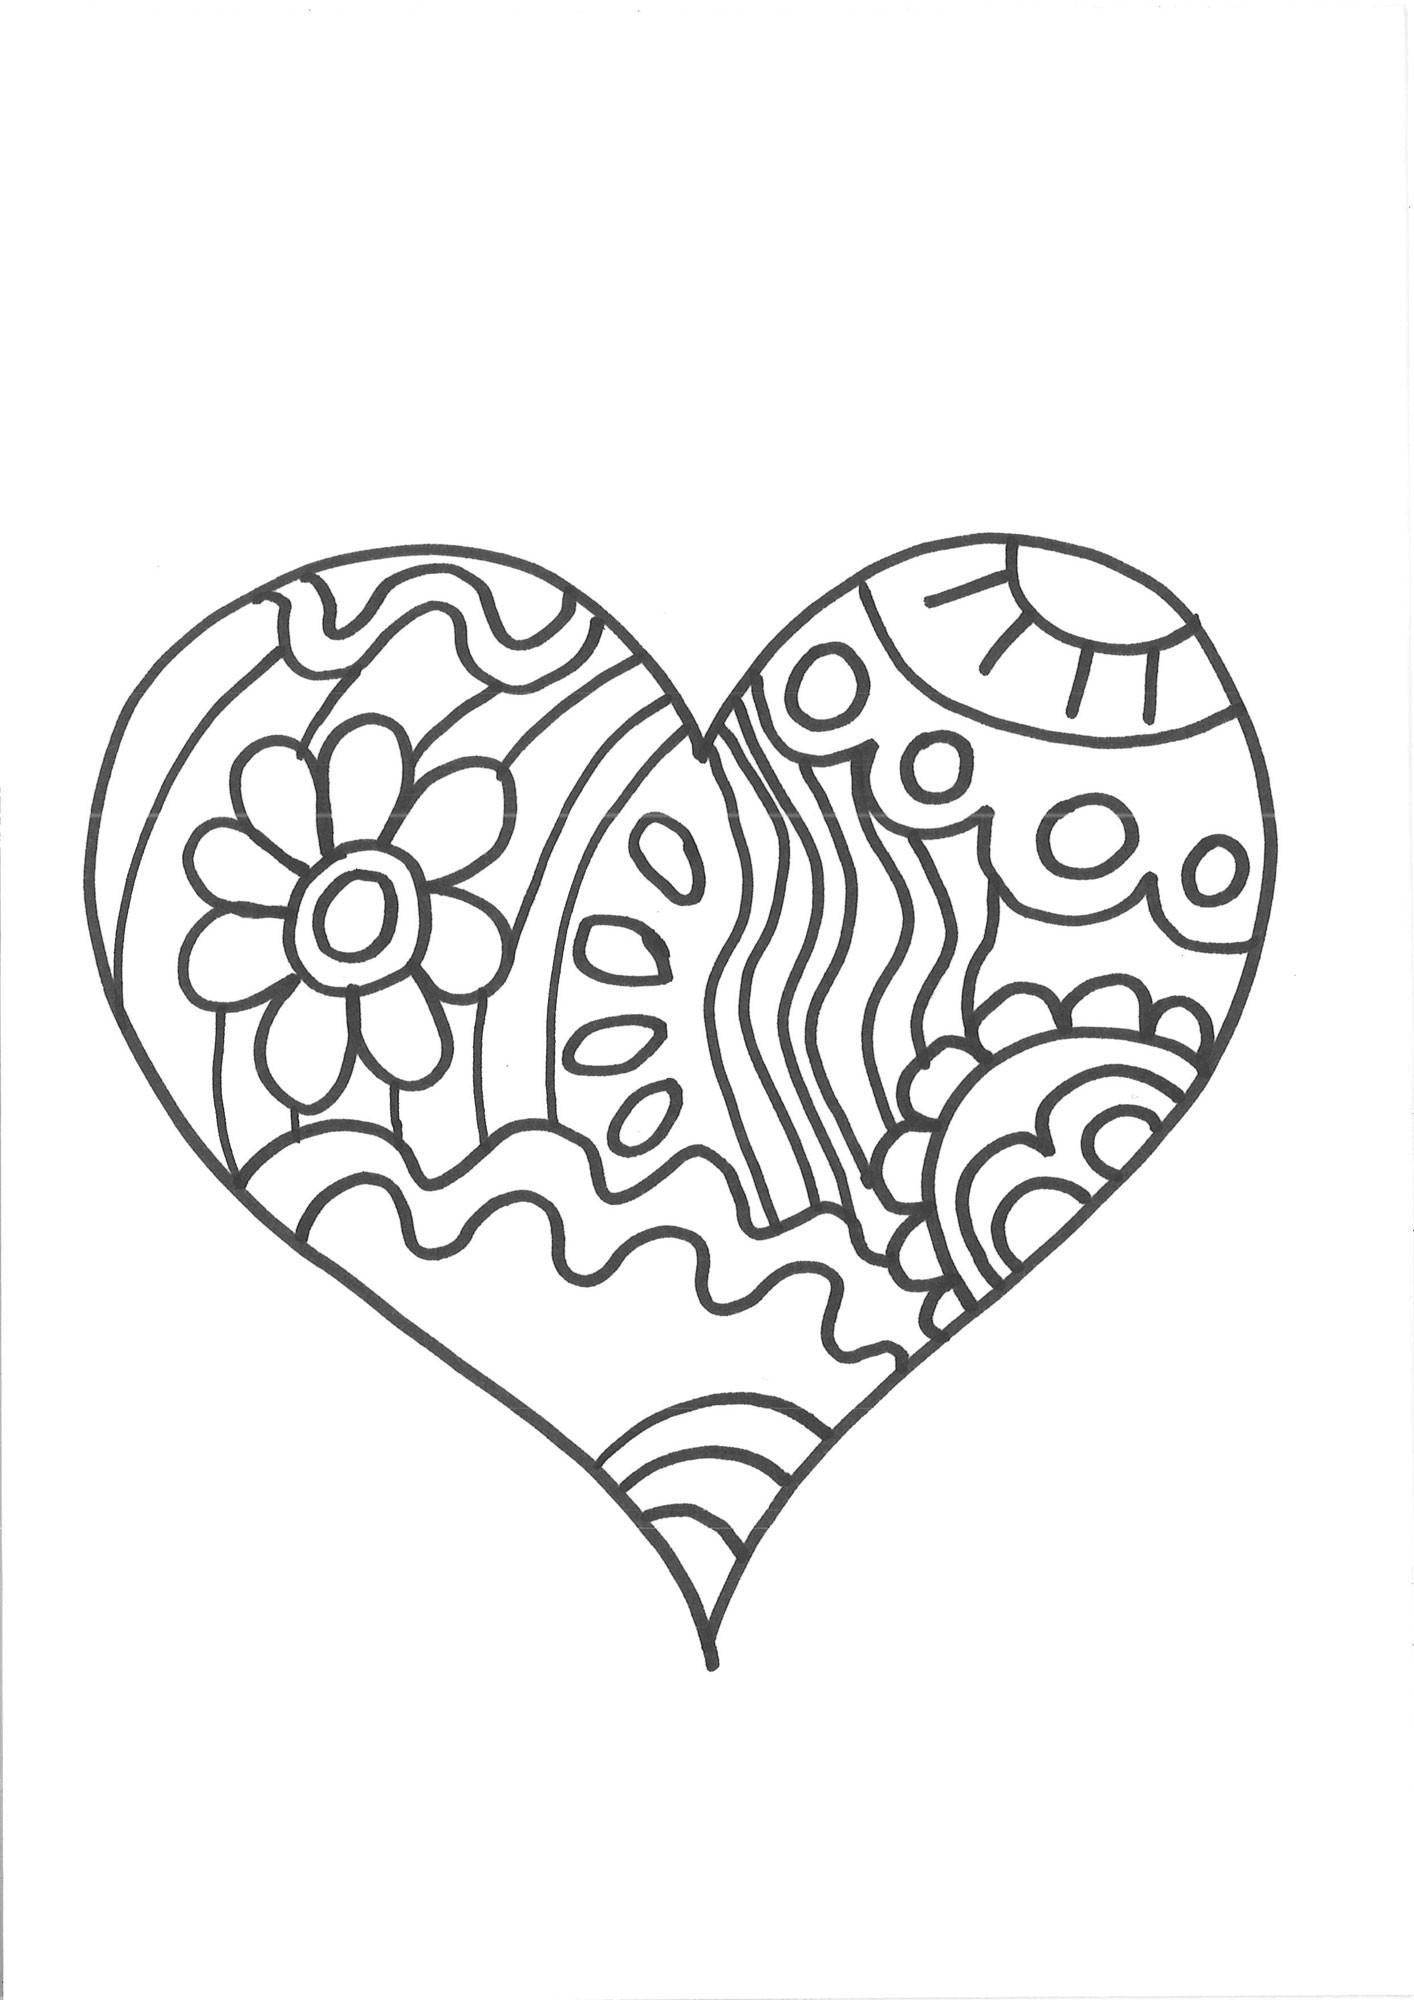 Malvorlagen Herz  Kostenlose Malvorlage Herzen Herz zum Ausmalen zum Ausmalen